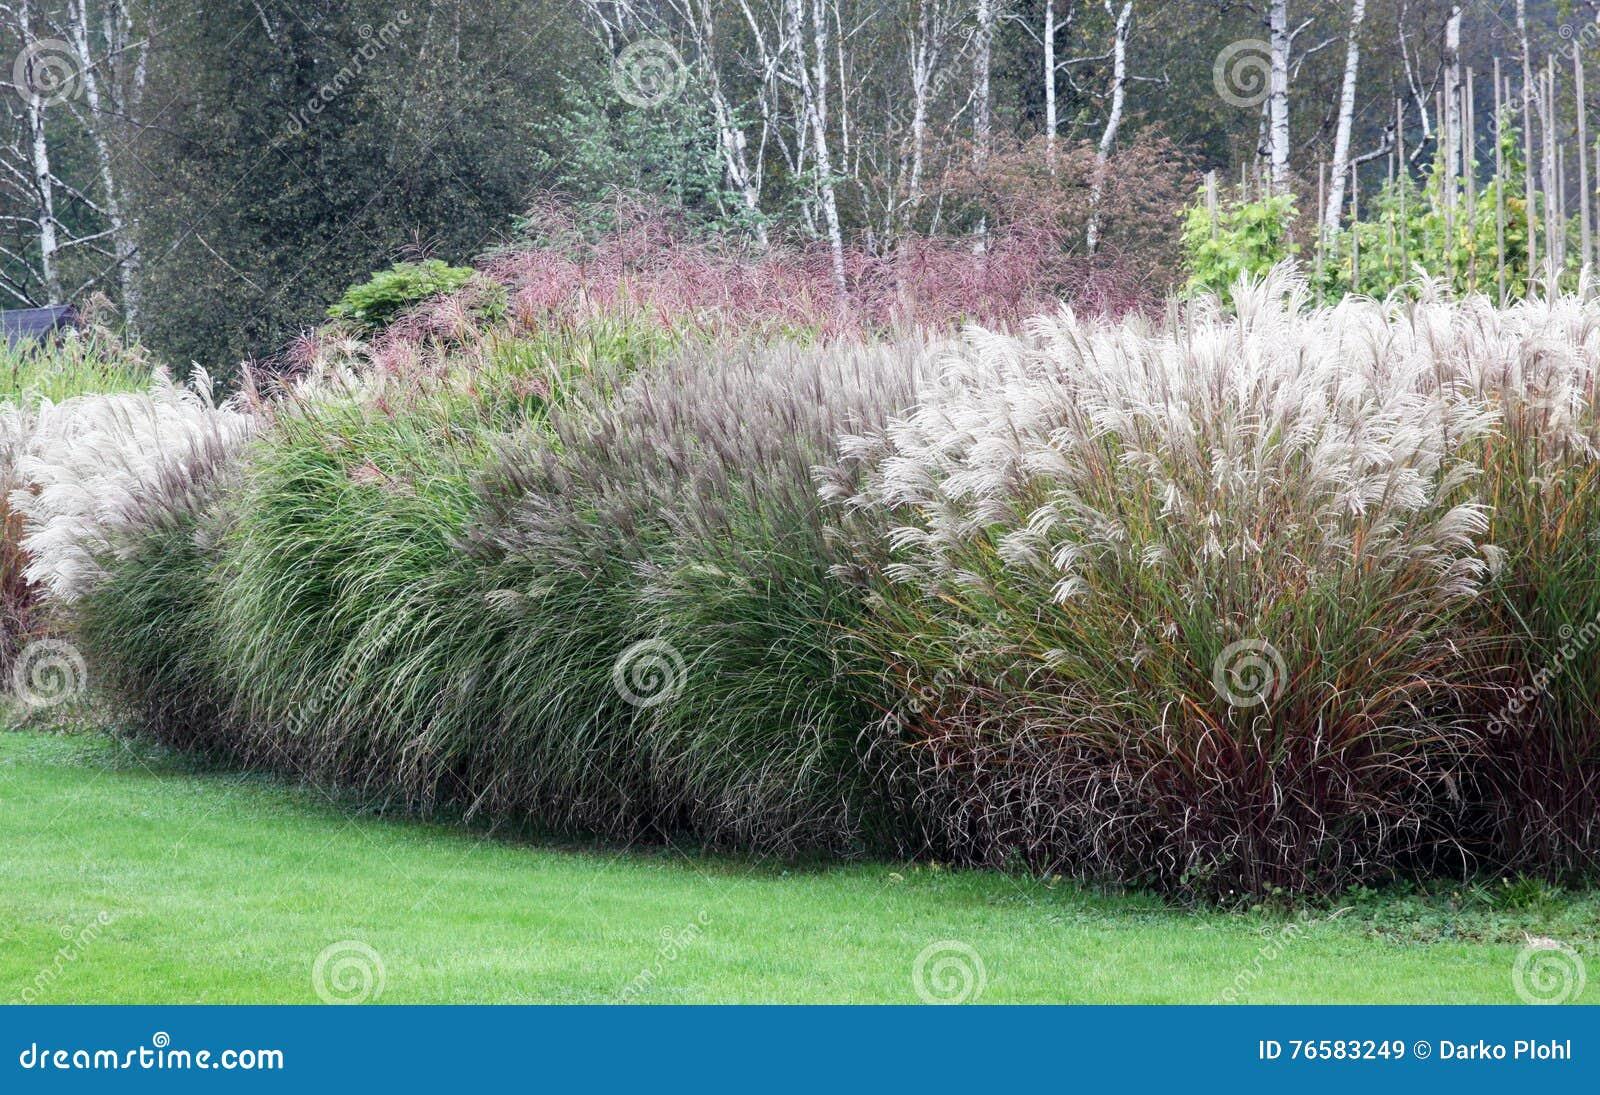 Grosse Gräser eine große gruppe hoch wachsende dekorative gräser stockbild